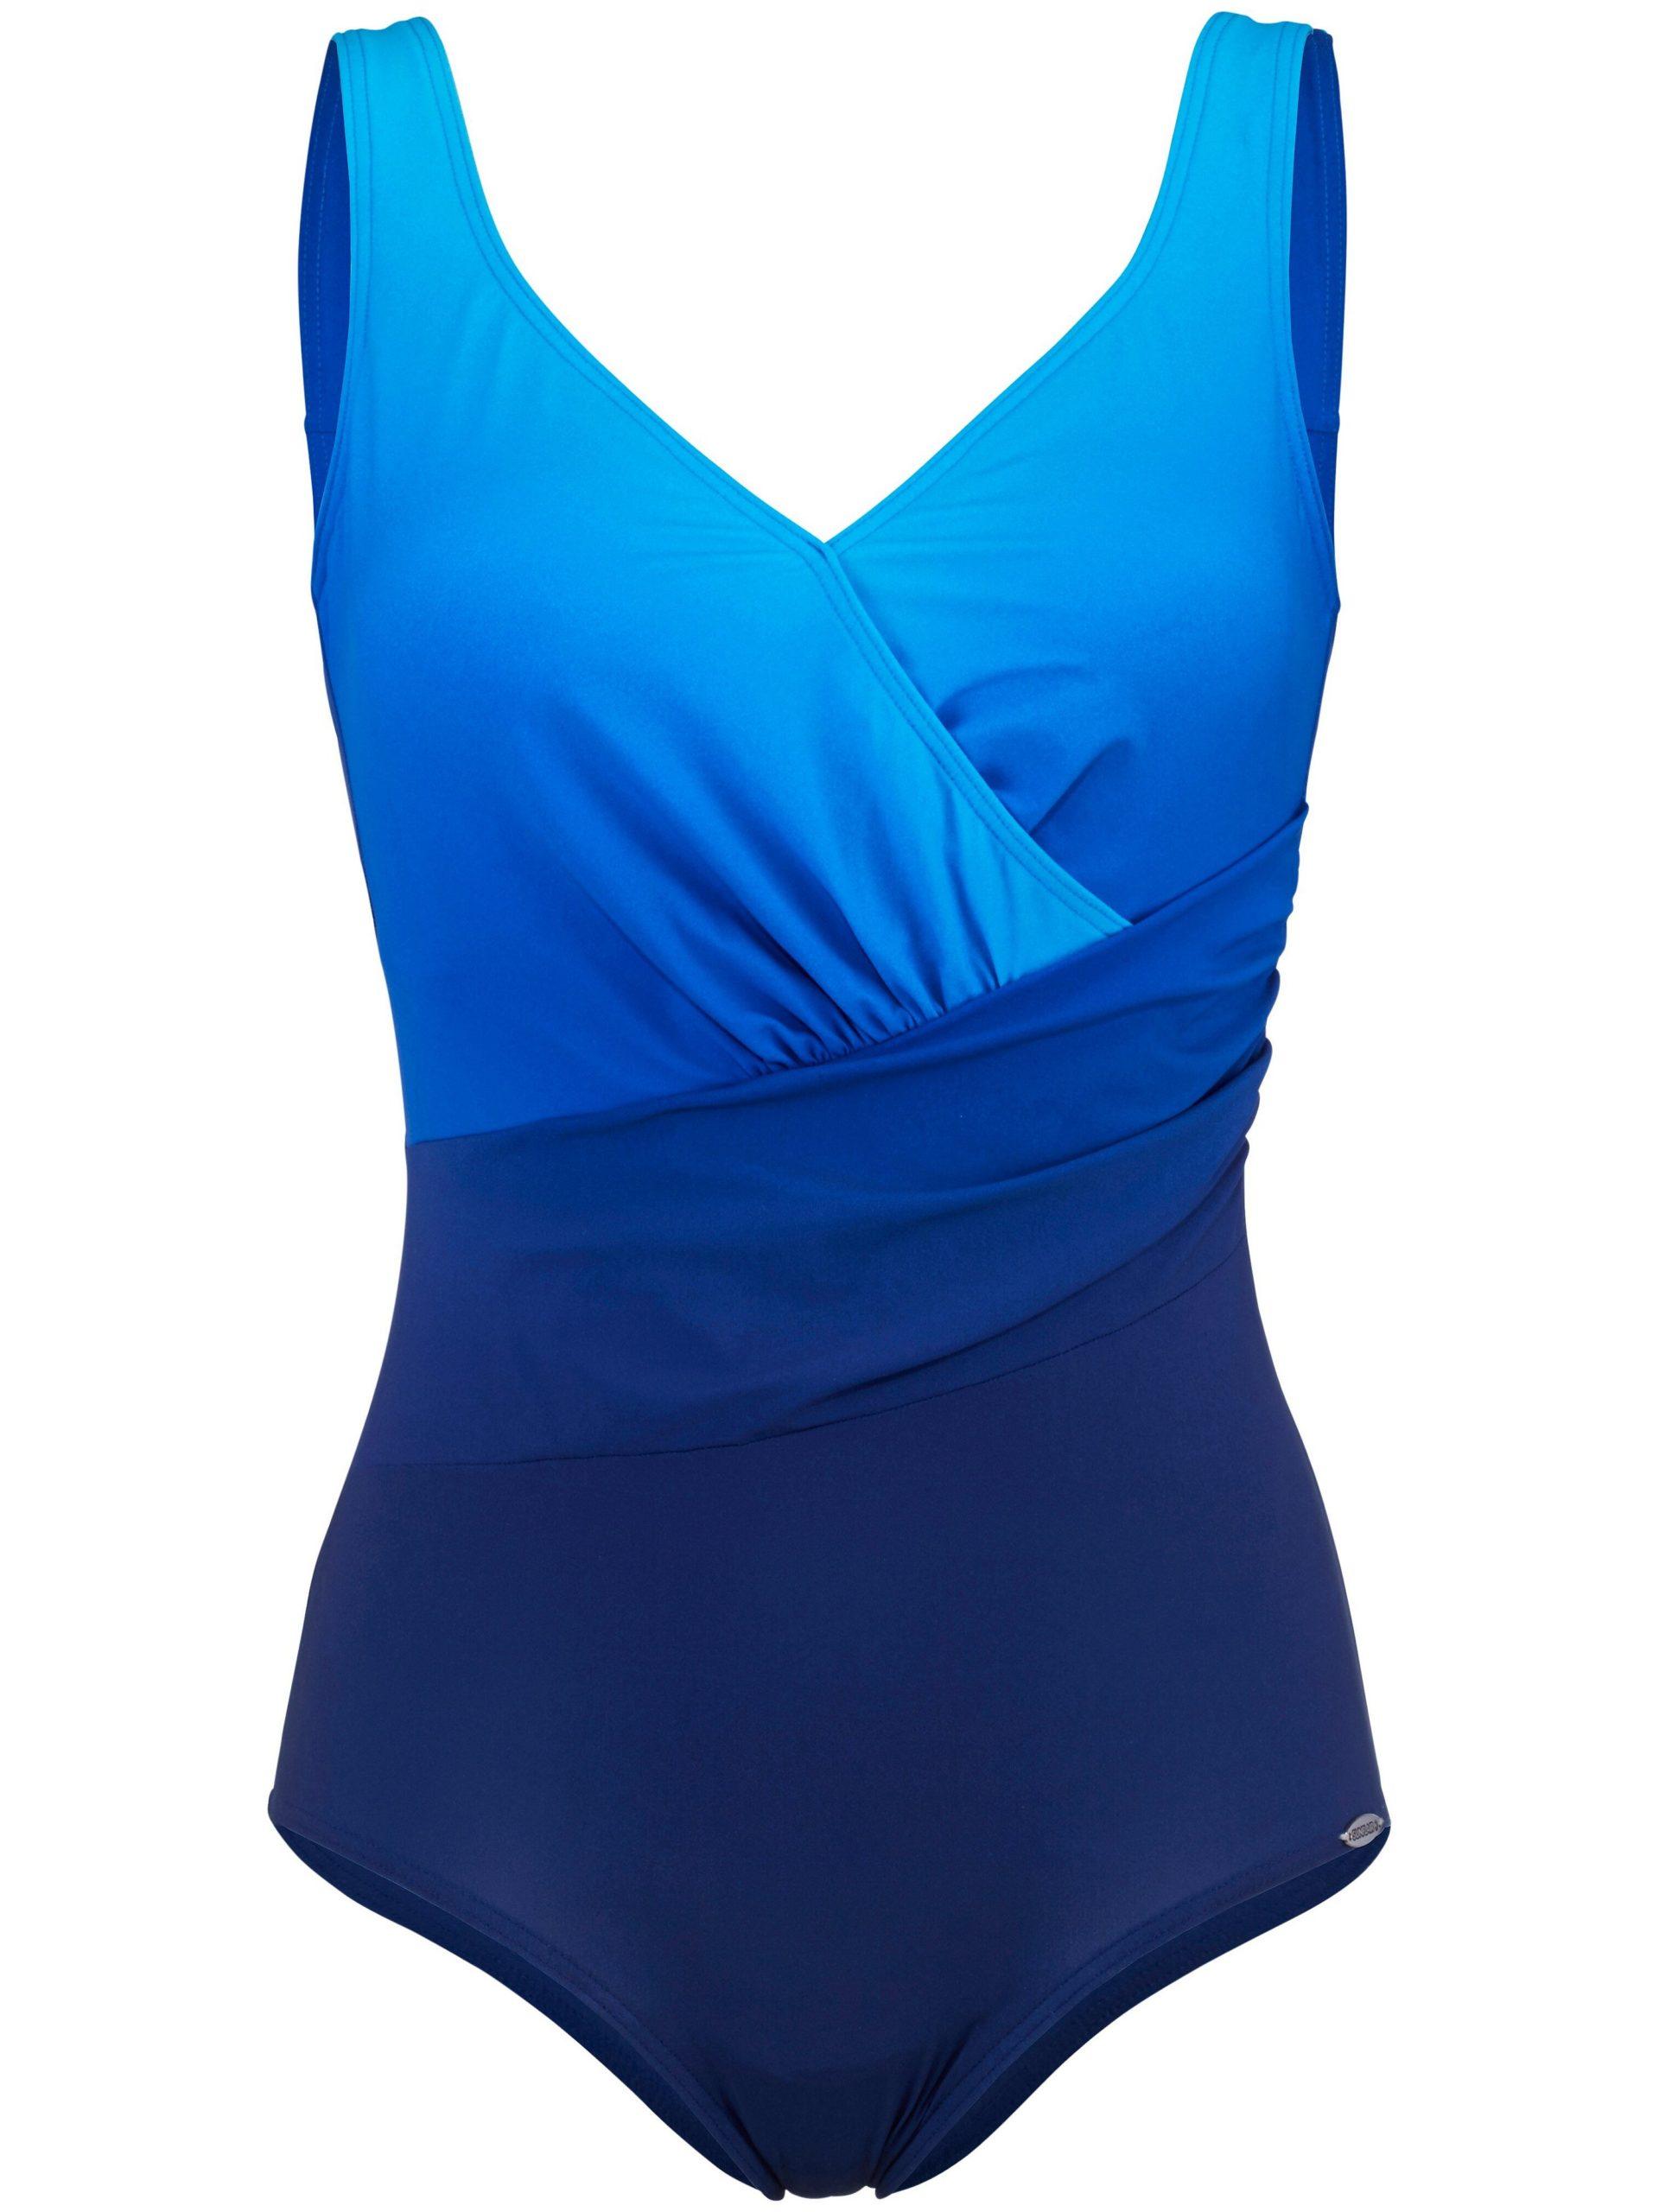 Badpak Van Sunflair blauw Kopen